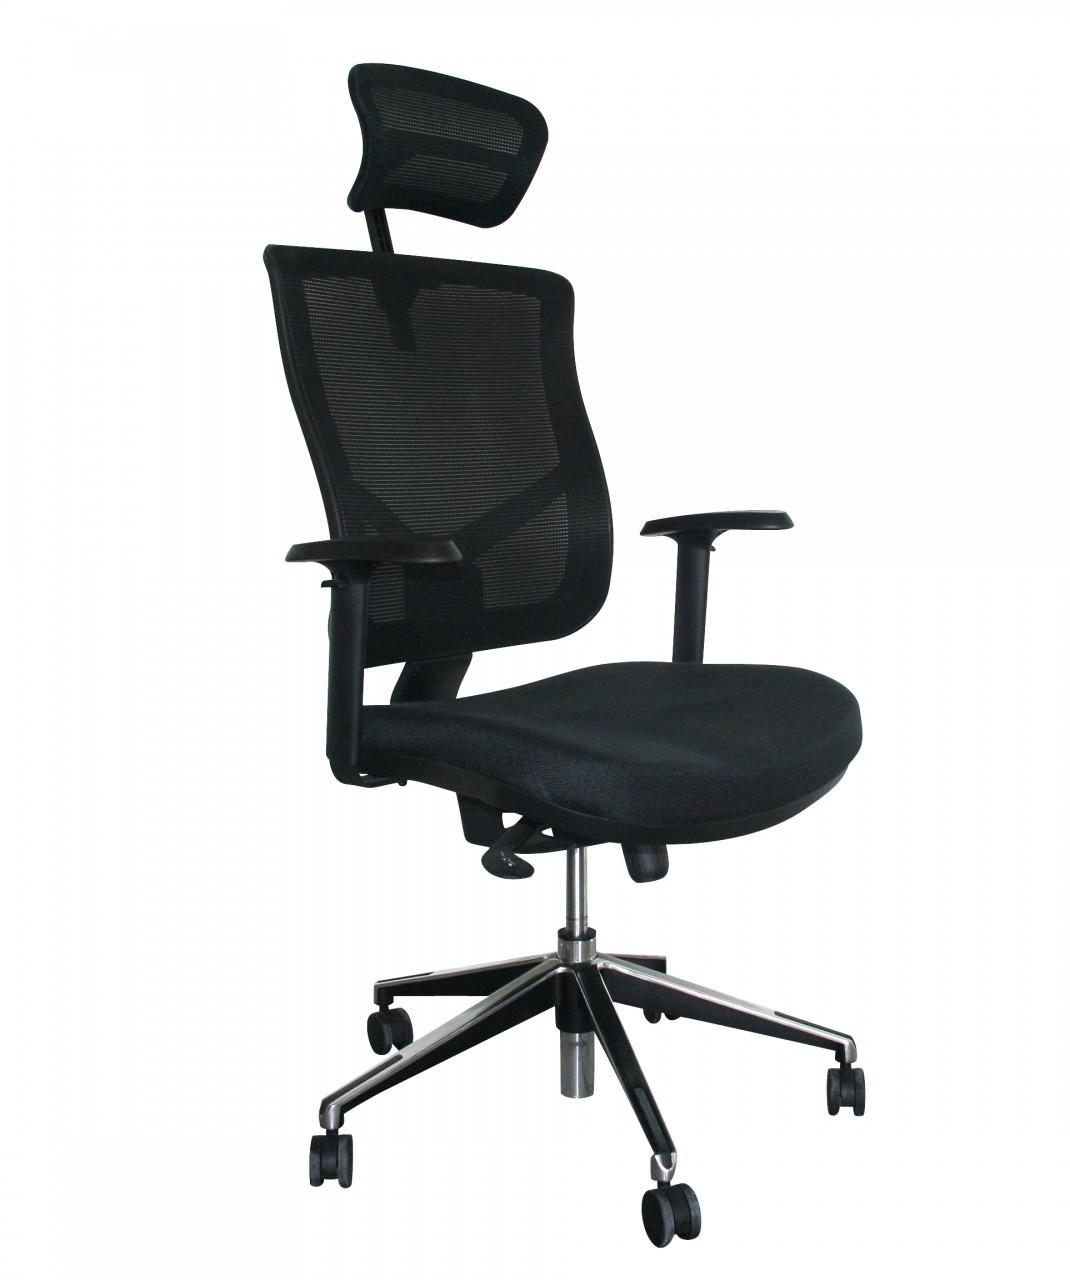 fauteuil adom achat si ges de bureau 259 00. Black Bedroom Furniture Sets. Home Design Ideas